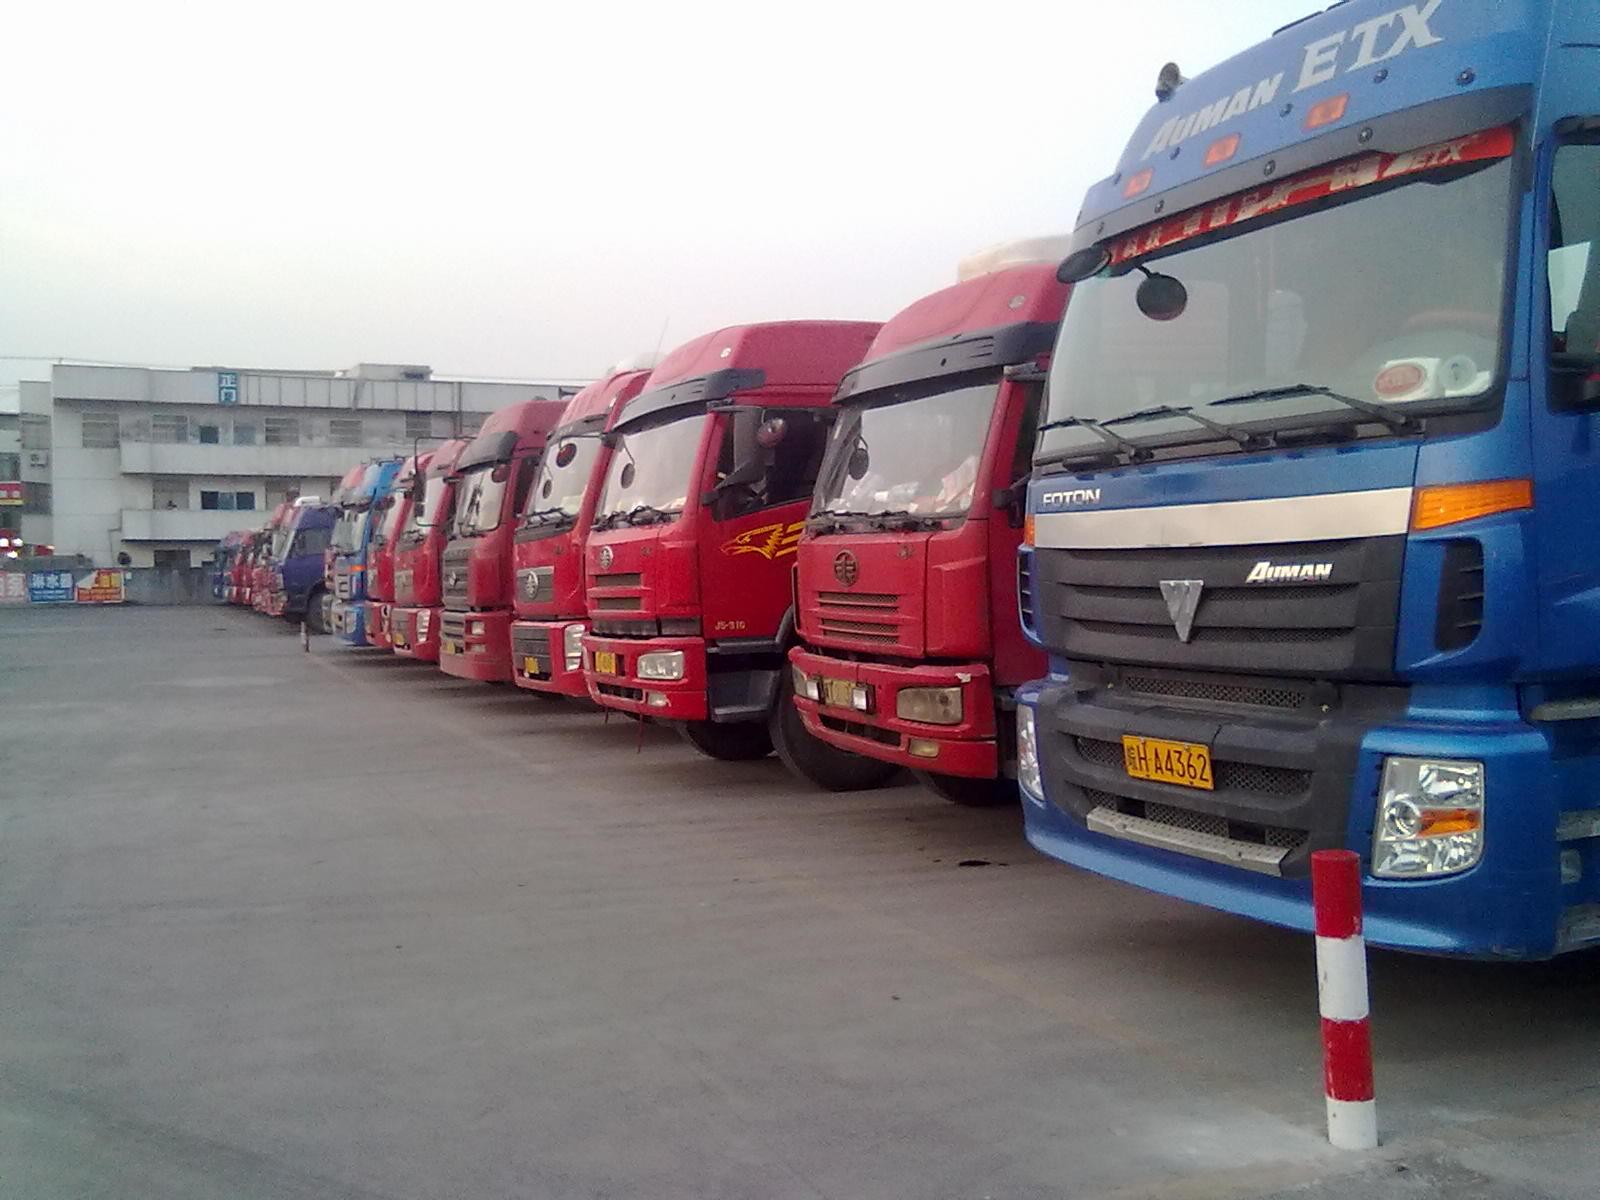 惠州市惠阳到保山市施甸县有货车出租4.2米6.8米7.6米9.6米货车